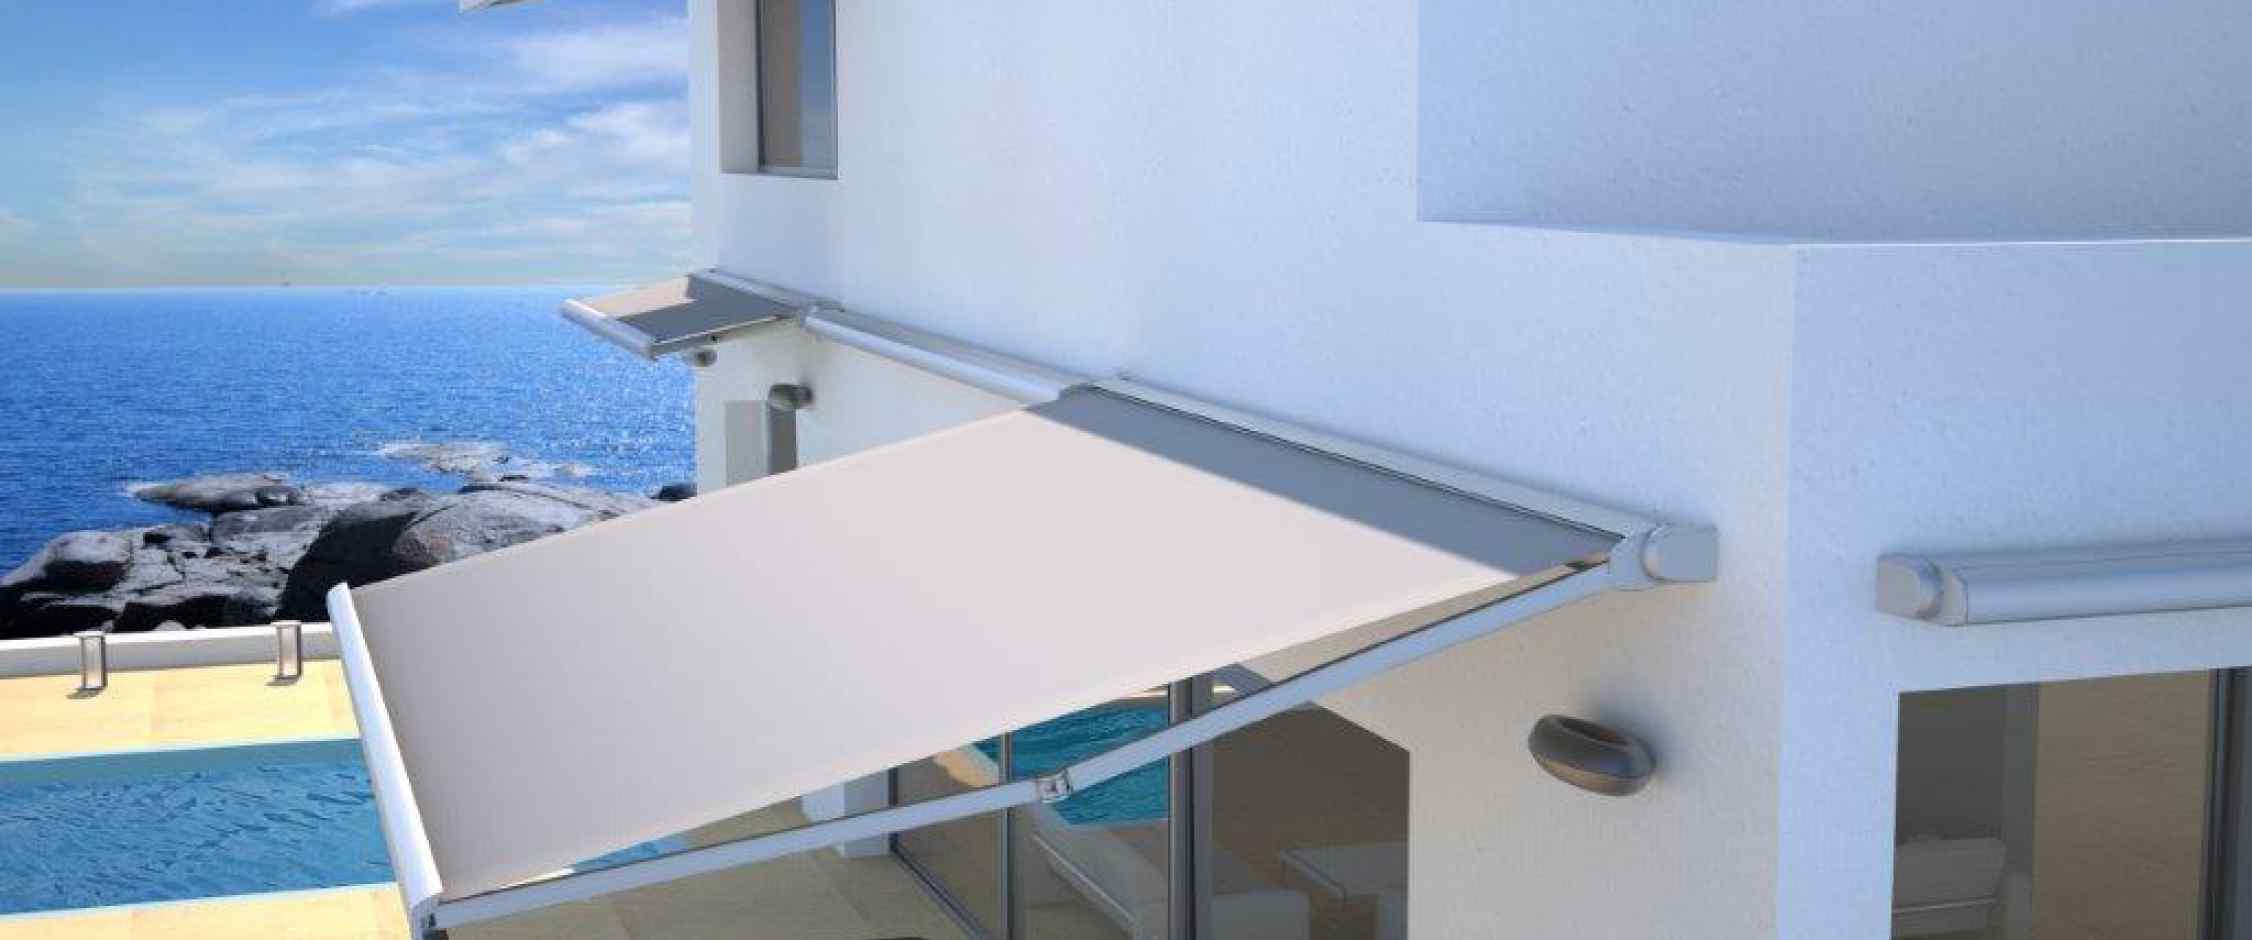 Toldo con brazo extensible modelo Ares con cofre de protección para lona y mecanismo adecuado para porches y terrazas con funcionamiento manual o eléctrico.